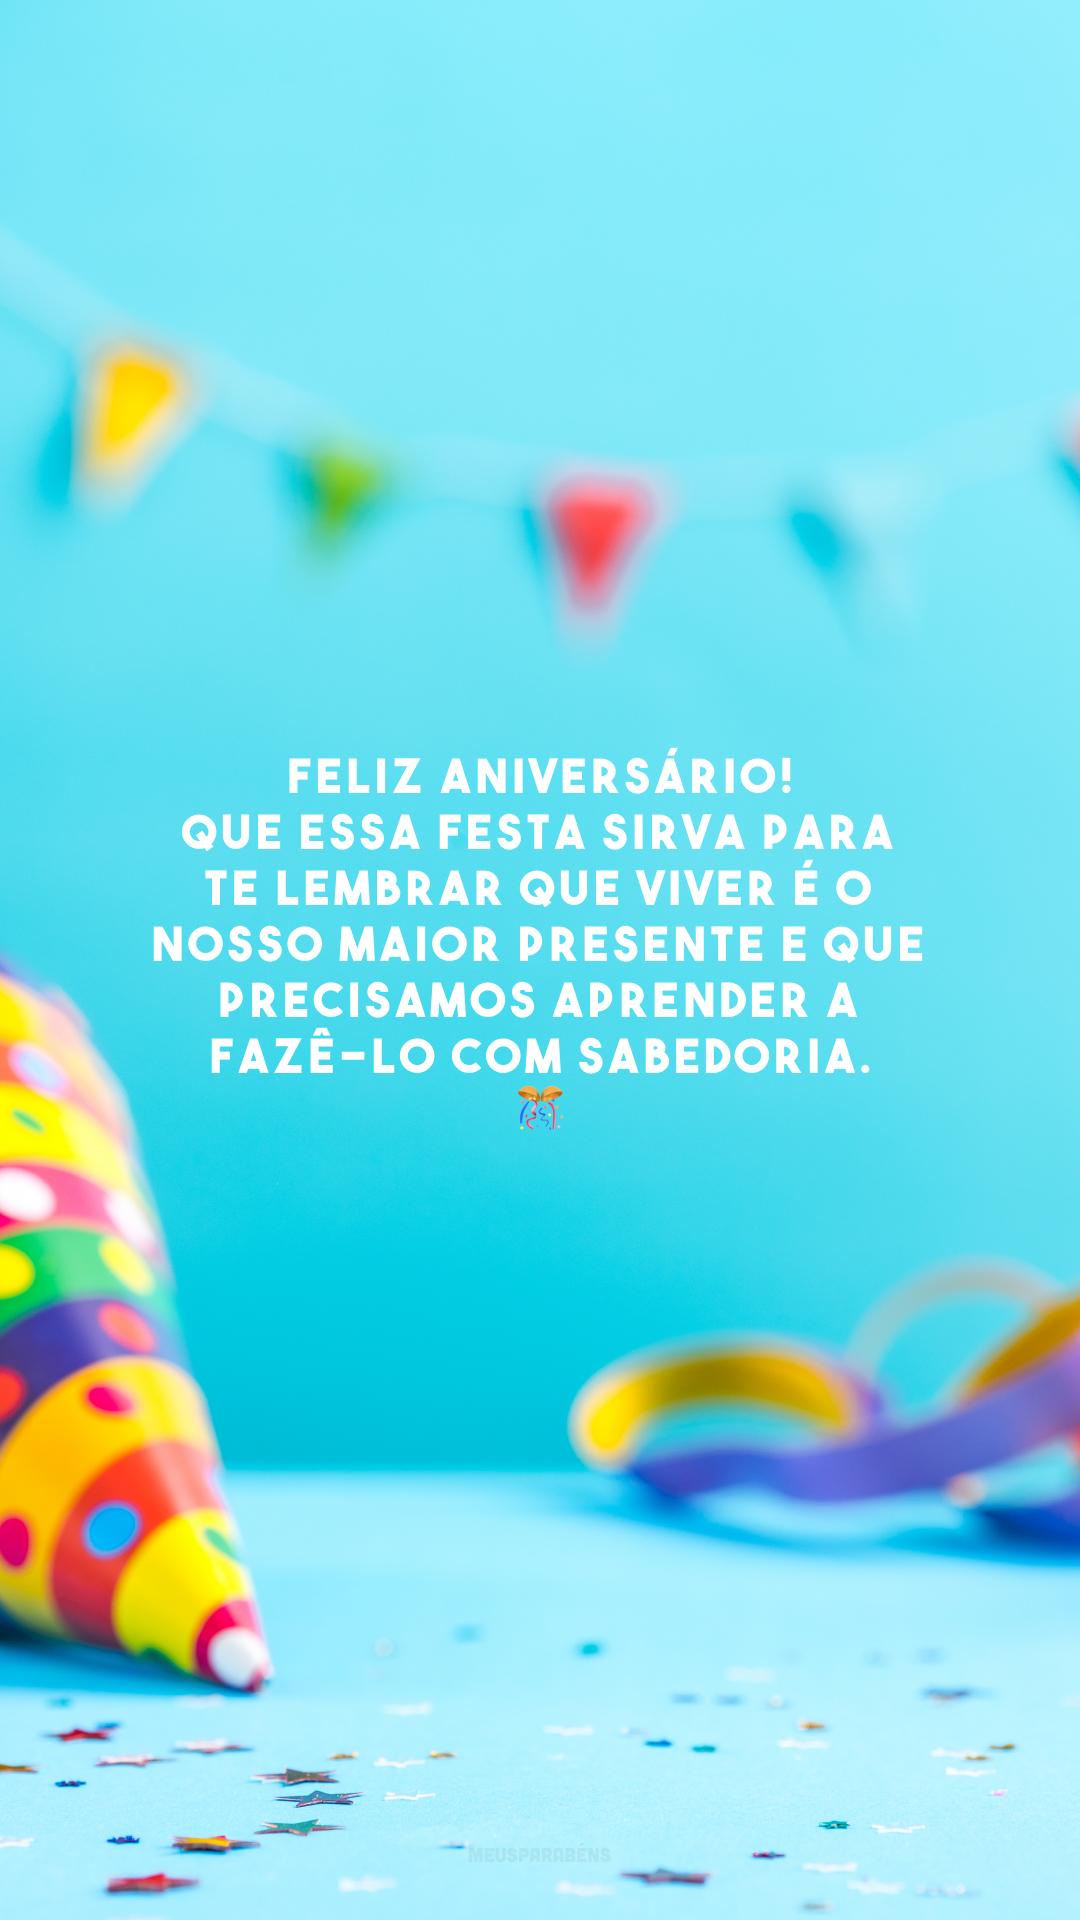 Feliz aniversário! Que essa festa sirva para te lembrar que viver é o nosso maior presente e que precisamos aprender a fazê-lo com sabedoria. 🎊